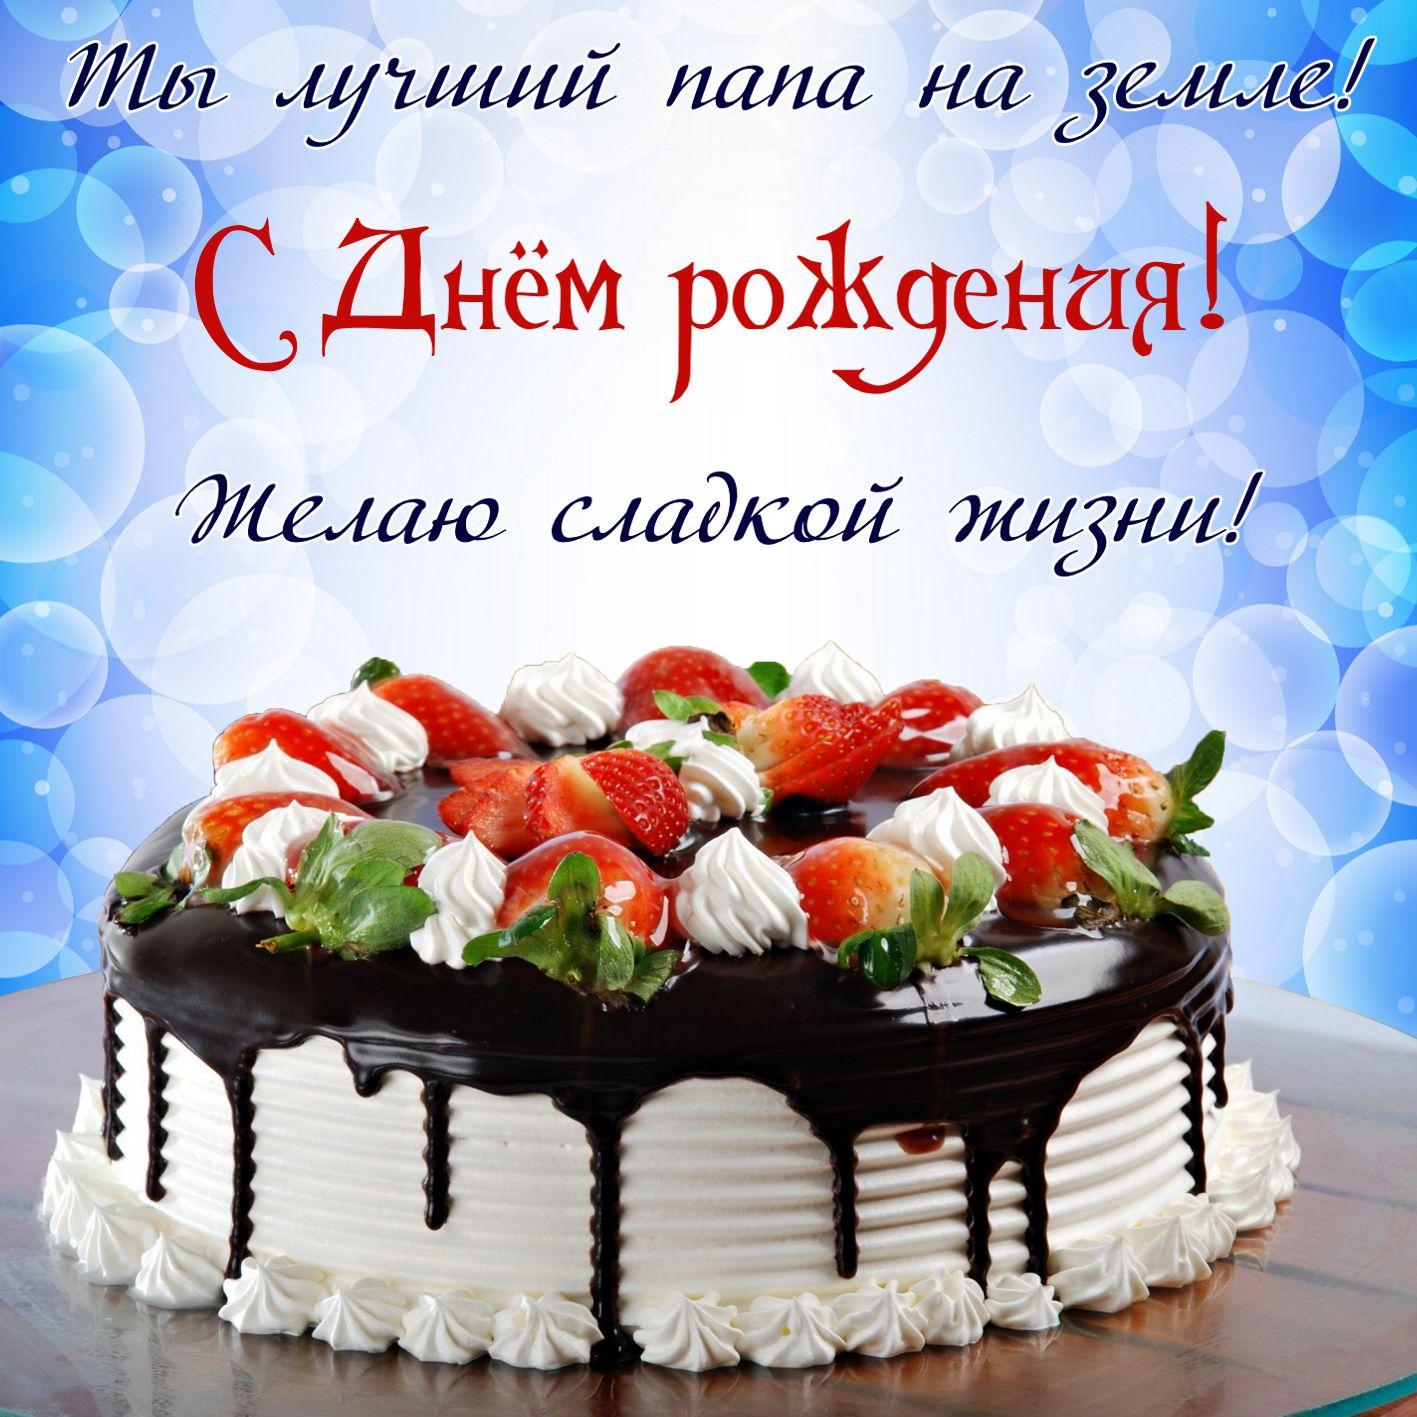 красивые картинки тортов с днем рождения предлагаю вам